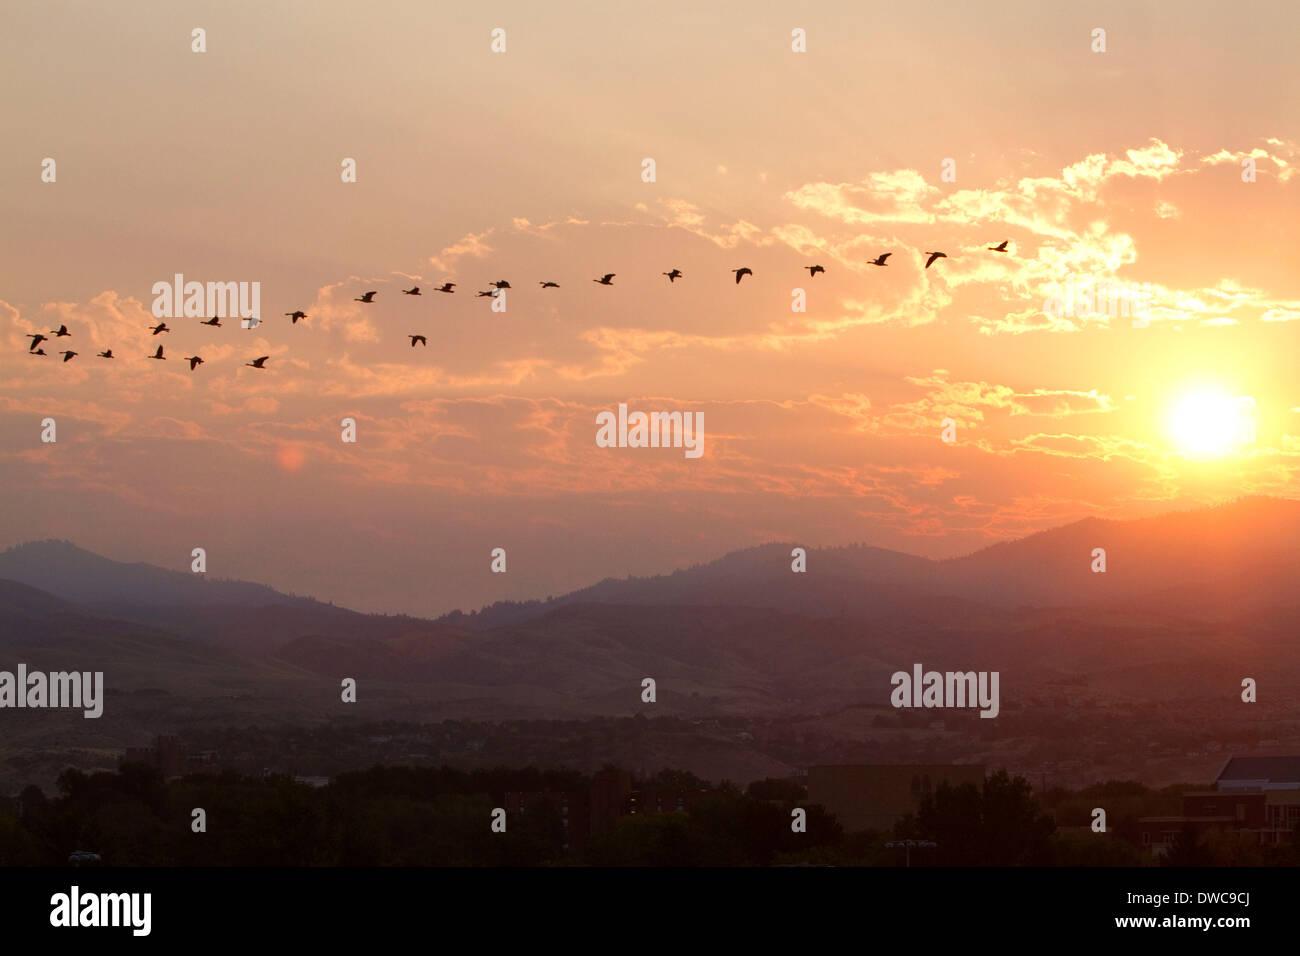 Una bandada de gansos volando al amanecer en Boise, Idaho, USA. Imagen De Stock